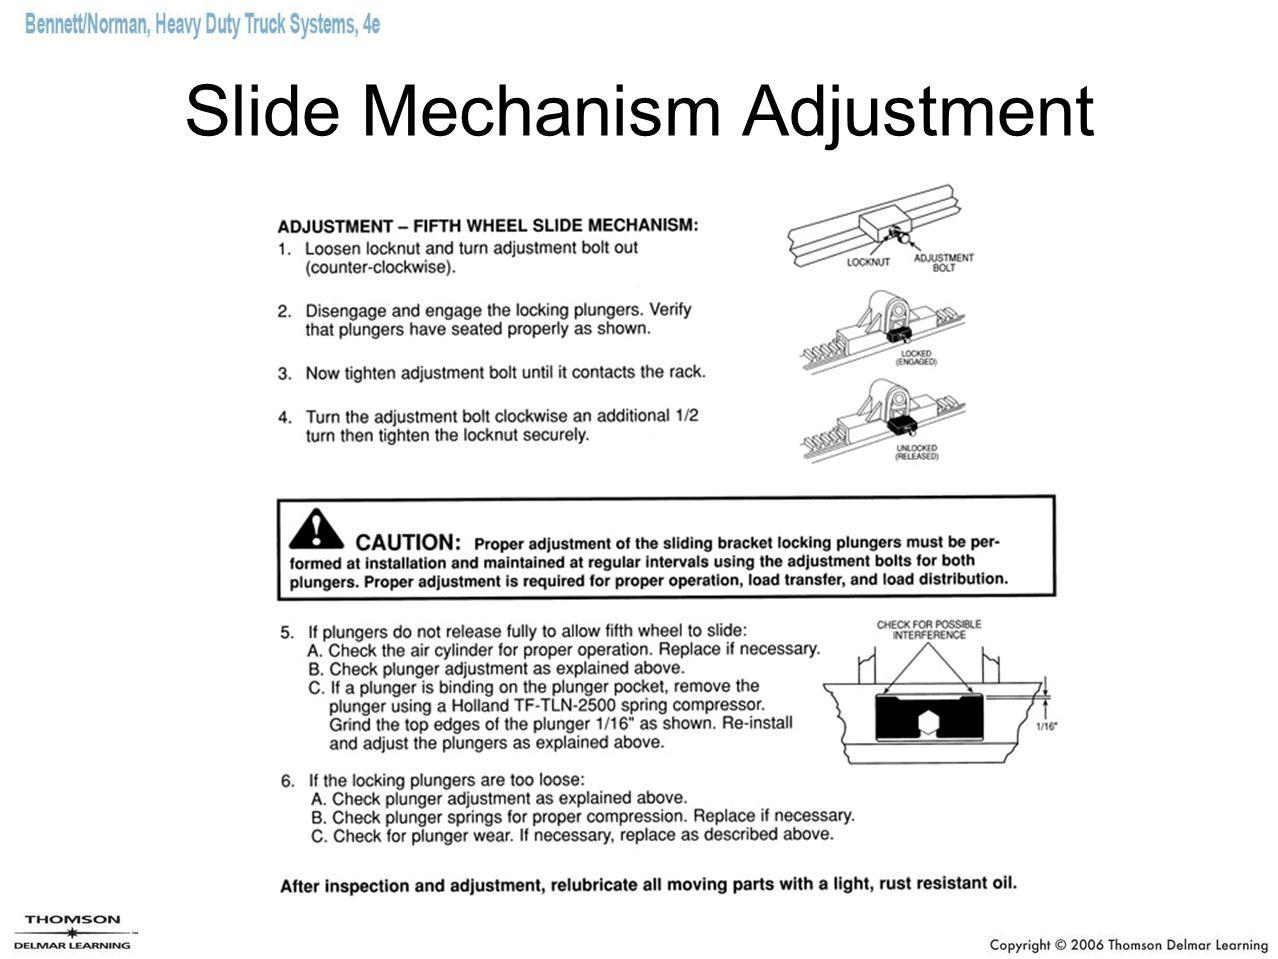 Slide Mechanism Adjustment